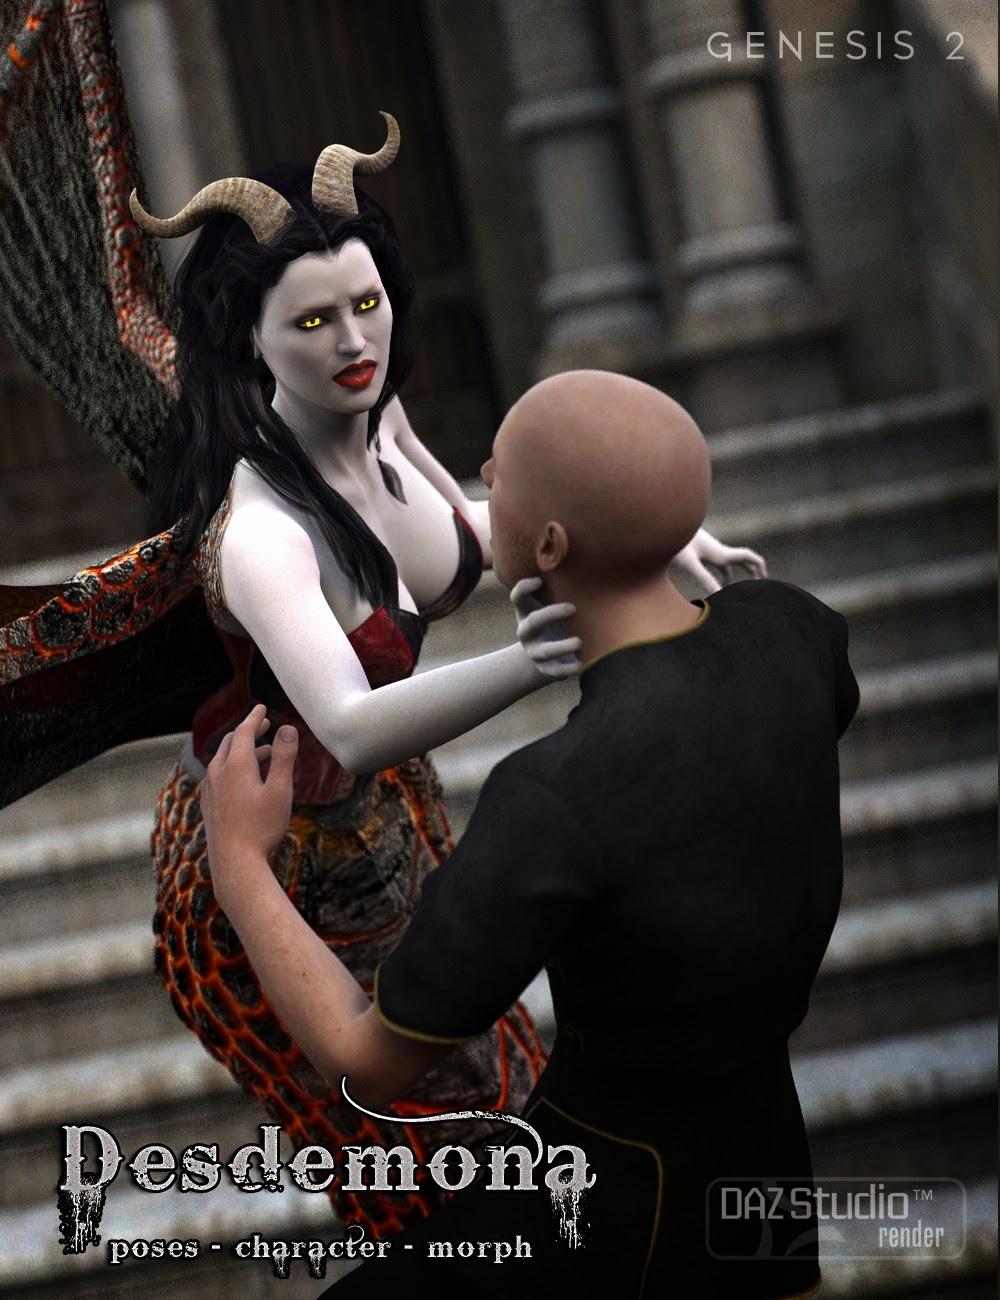 Desdemona SoulKiss - personnage et se battre Poses